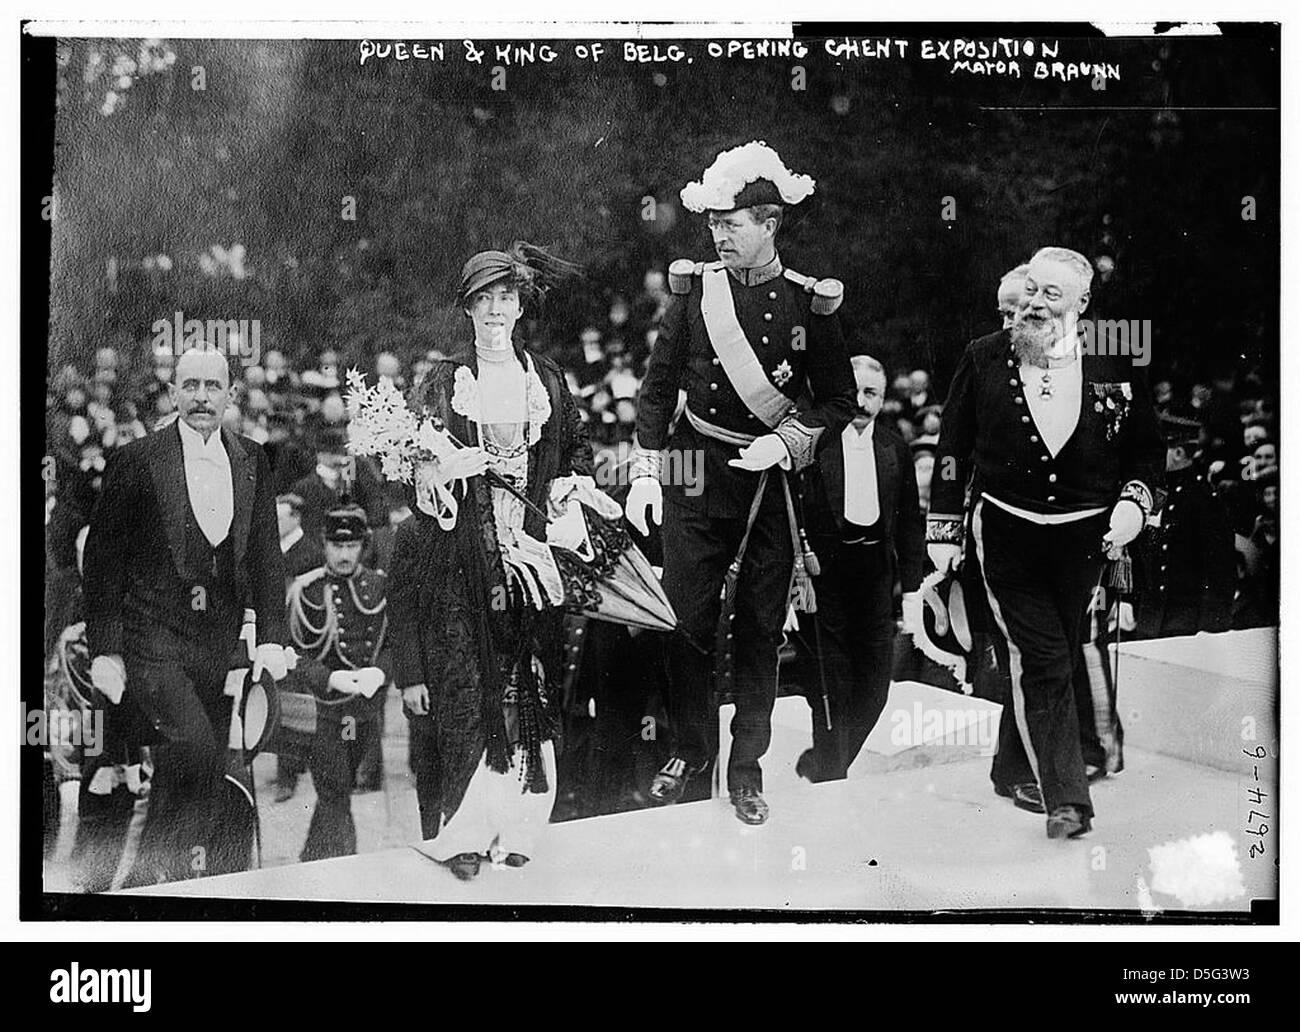 Queen & King of Belg. [i.e., Belgium] opening Ghent Exposition - Mayor Braunn (LOC) Stock Photo